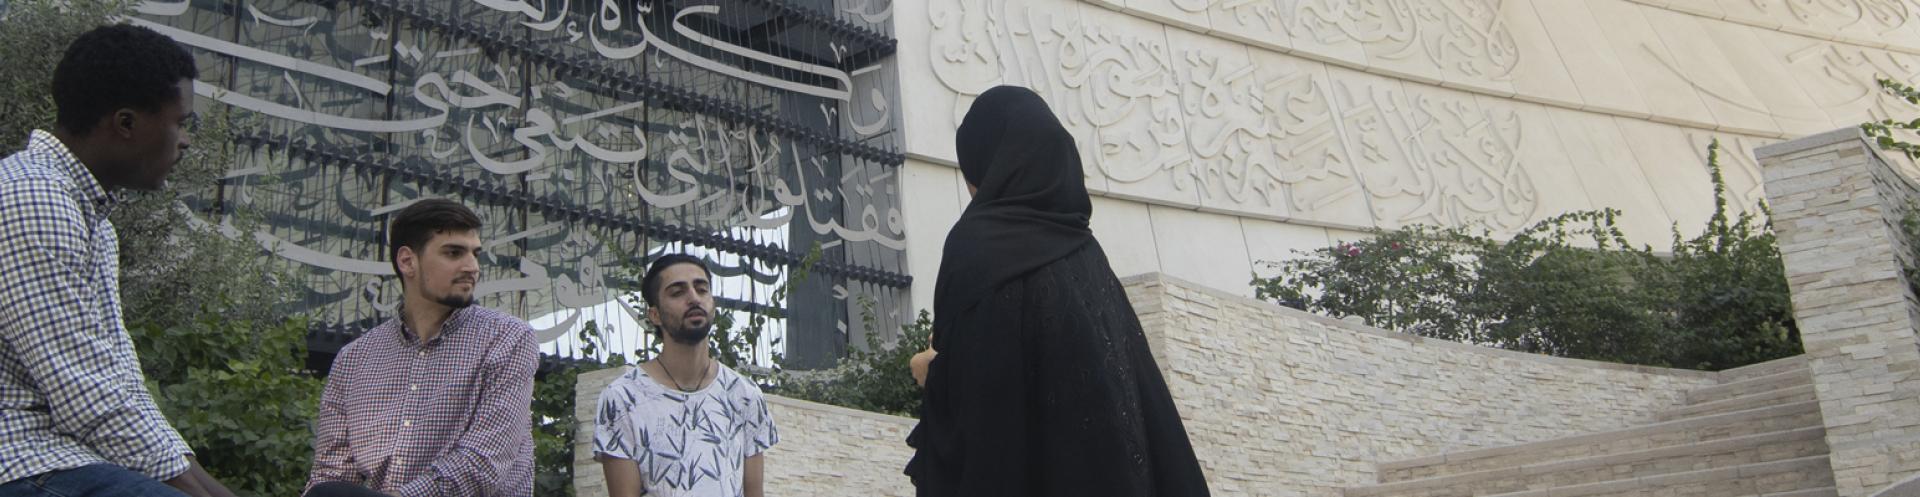 ماجستير الآداب في الدراسات الإسلامية المعاصرة